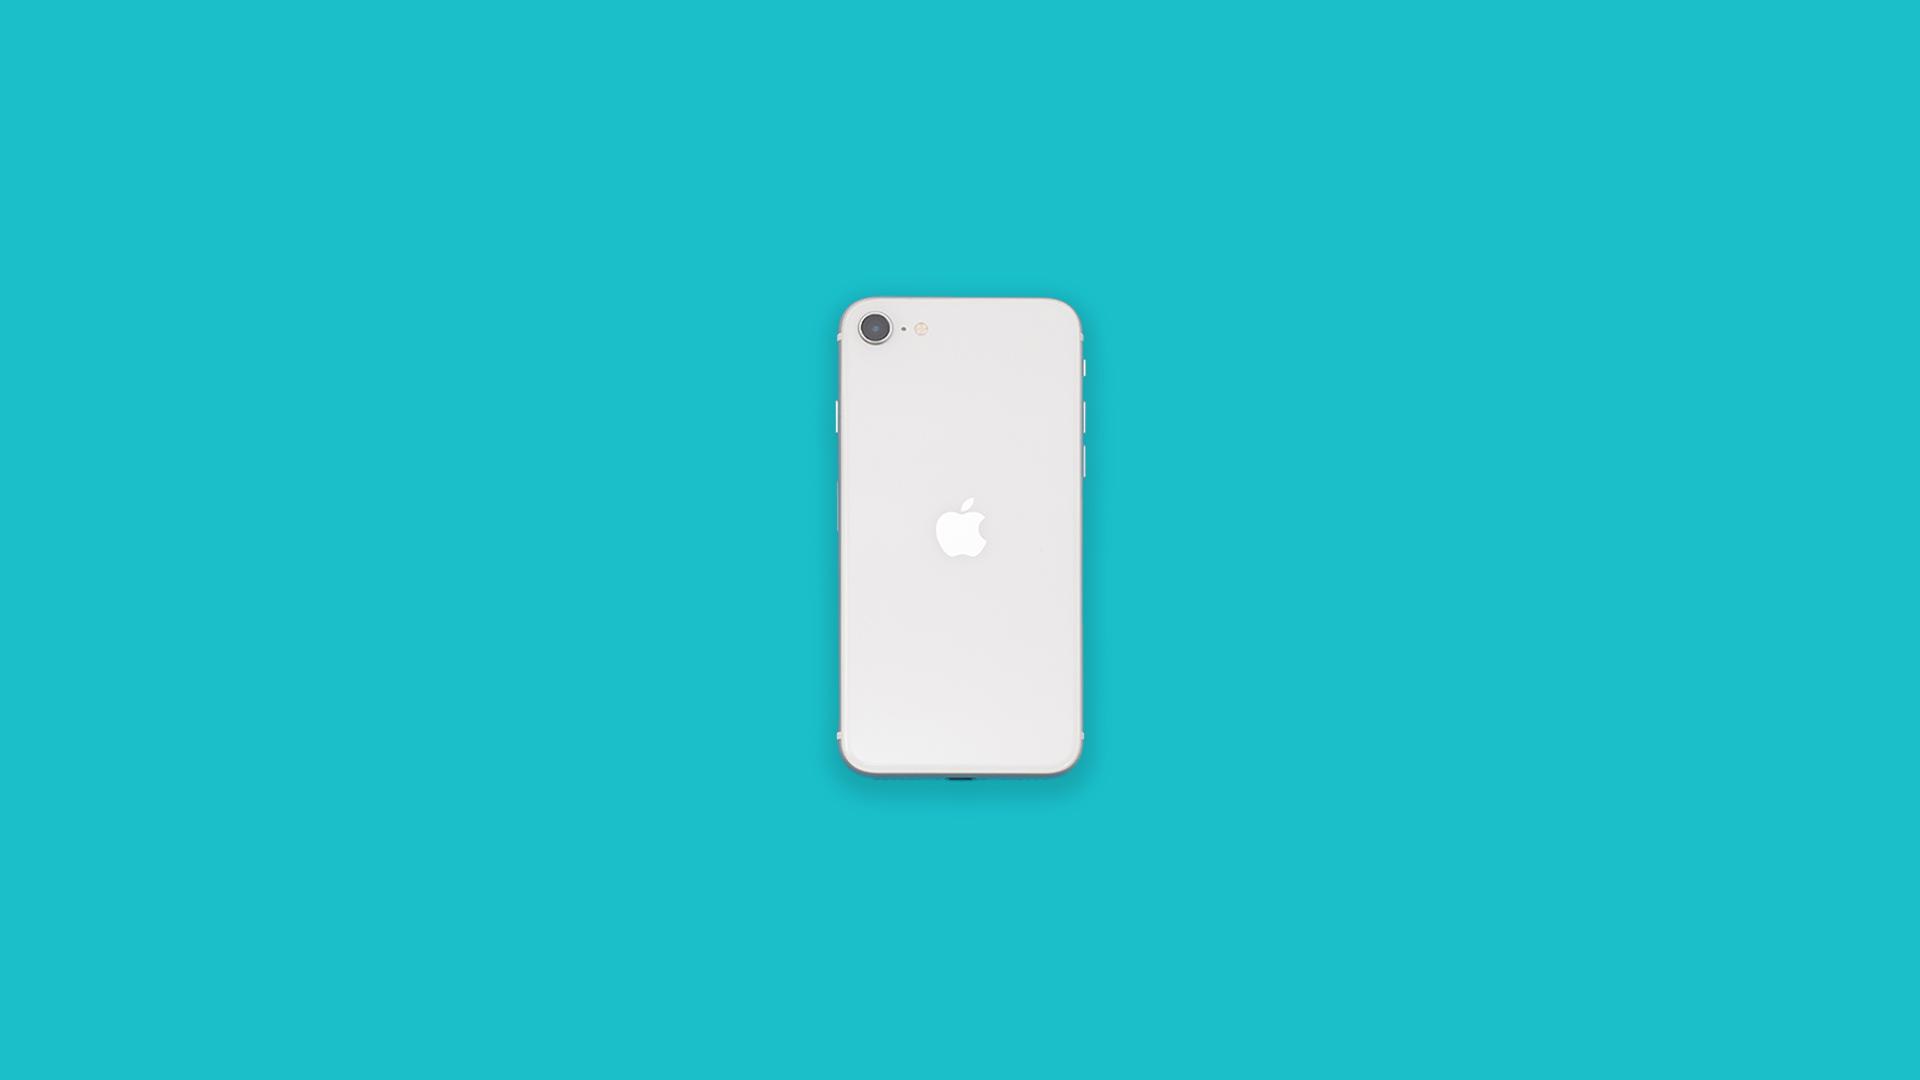 アイフォン se 新型